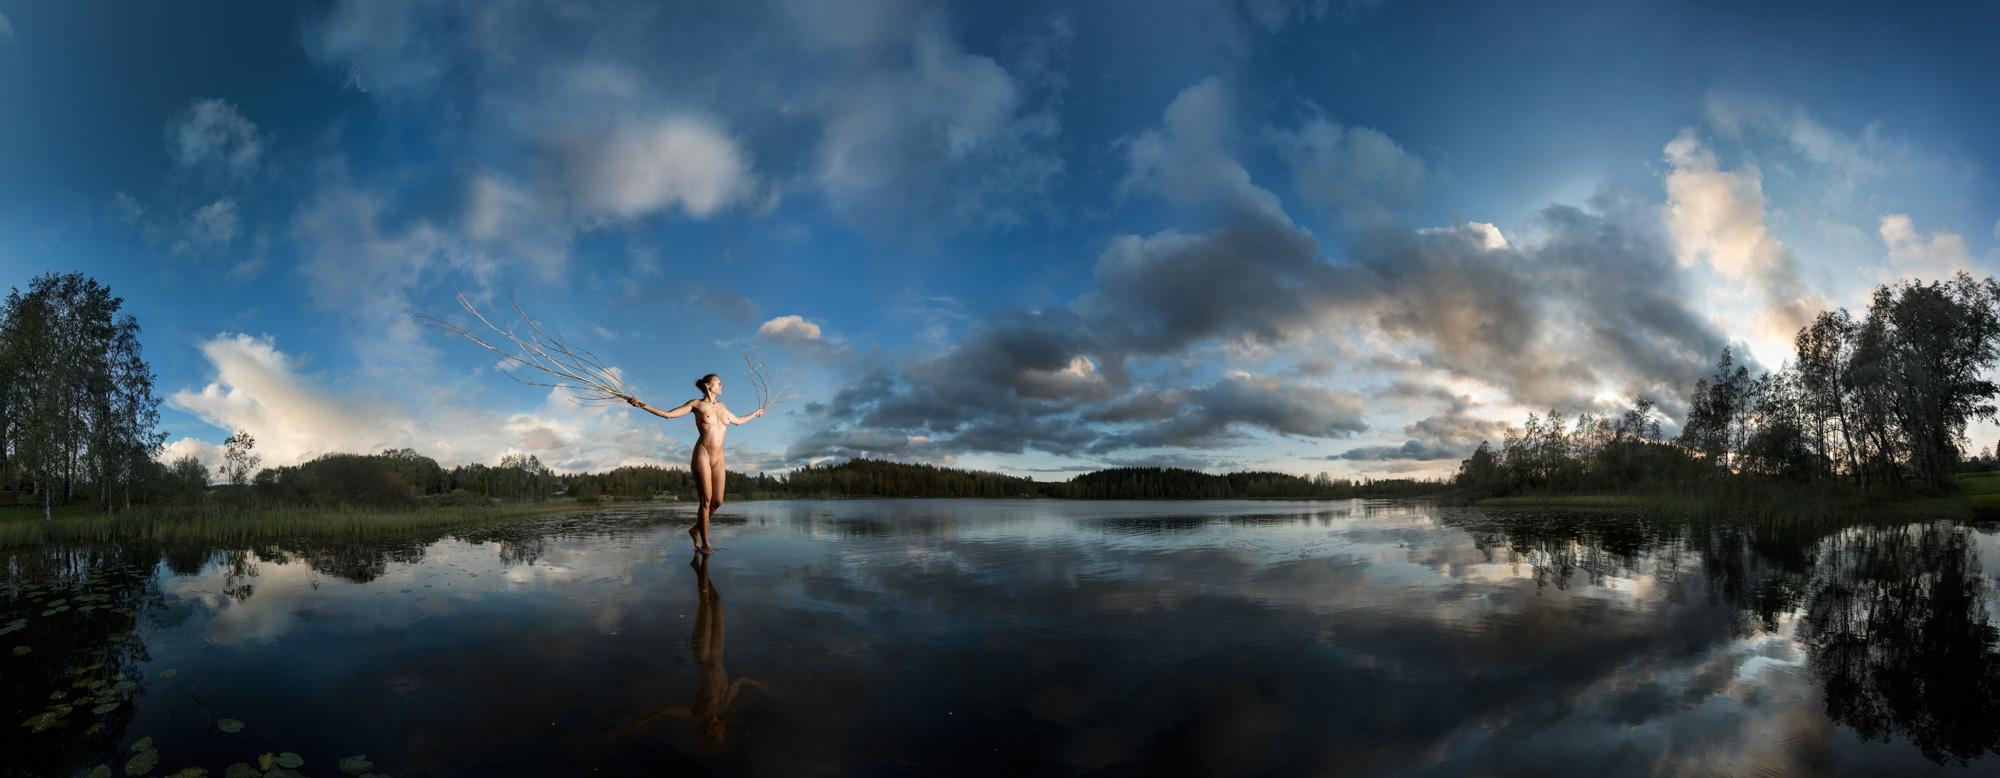 KÄÄNNA JUURI VII. Fotografía y retoque digital. Lago Iso Hustu, Hämeenkyrö, Finlandia